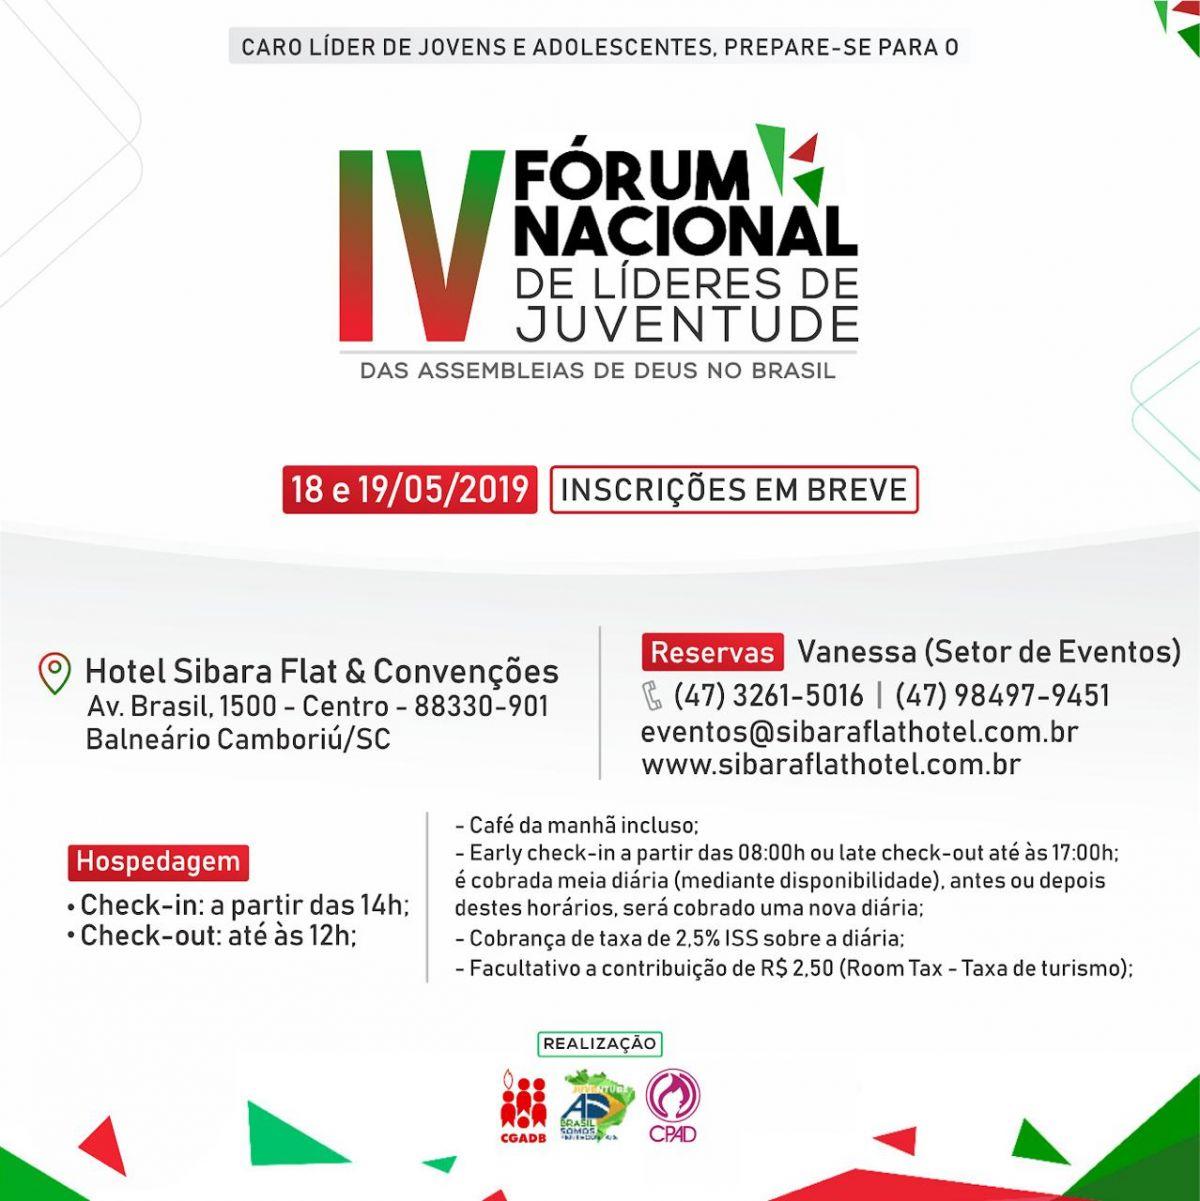 Fórum Nacional da Juventude